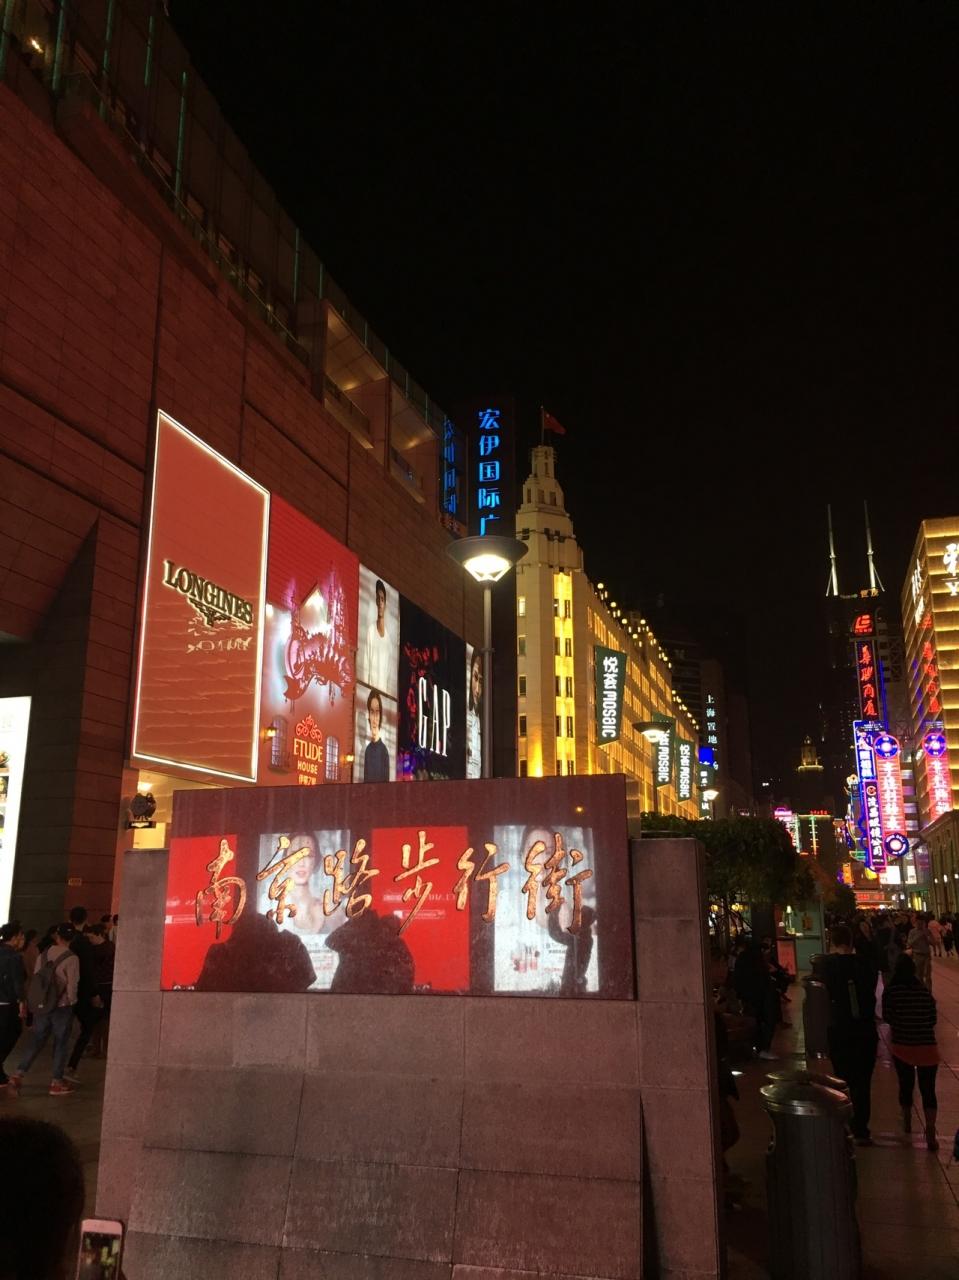 南京東路駅 (上海市) クチコミガイド(2ページ)【フォートラベル】|East Nanjing Road|上海